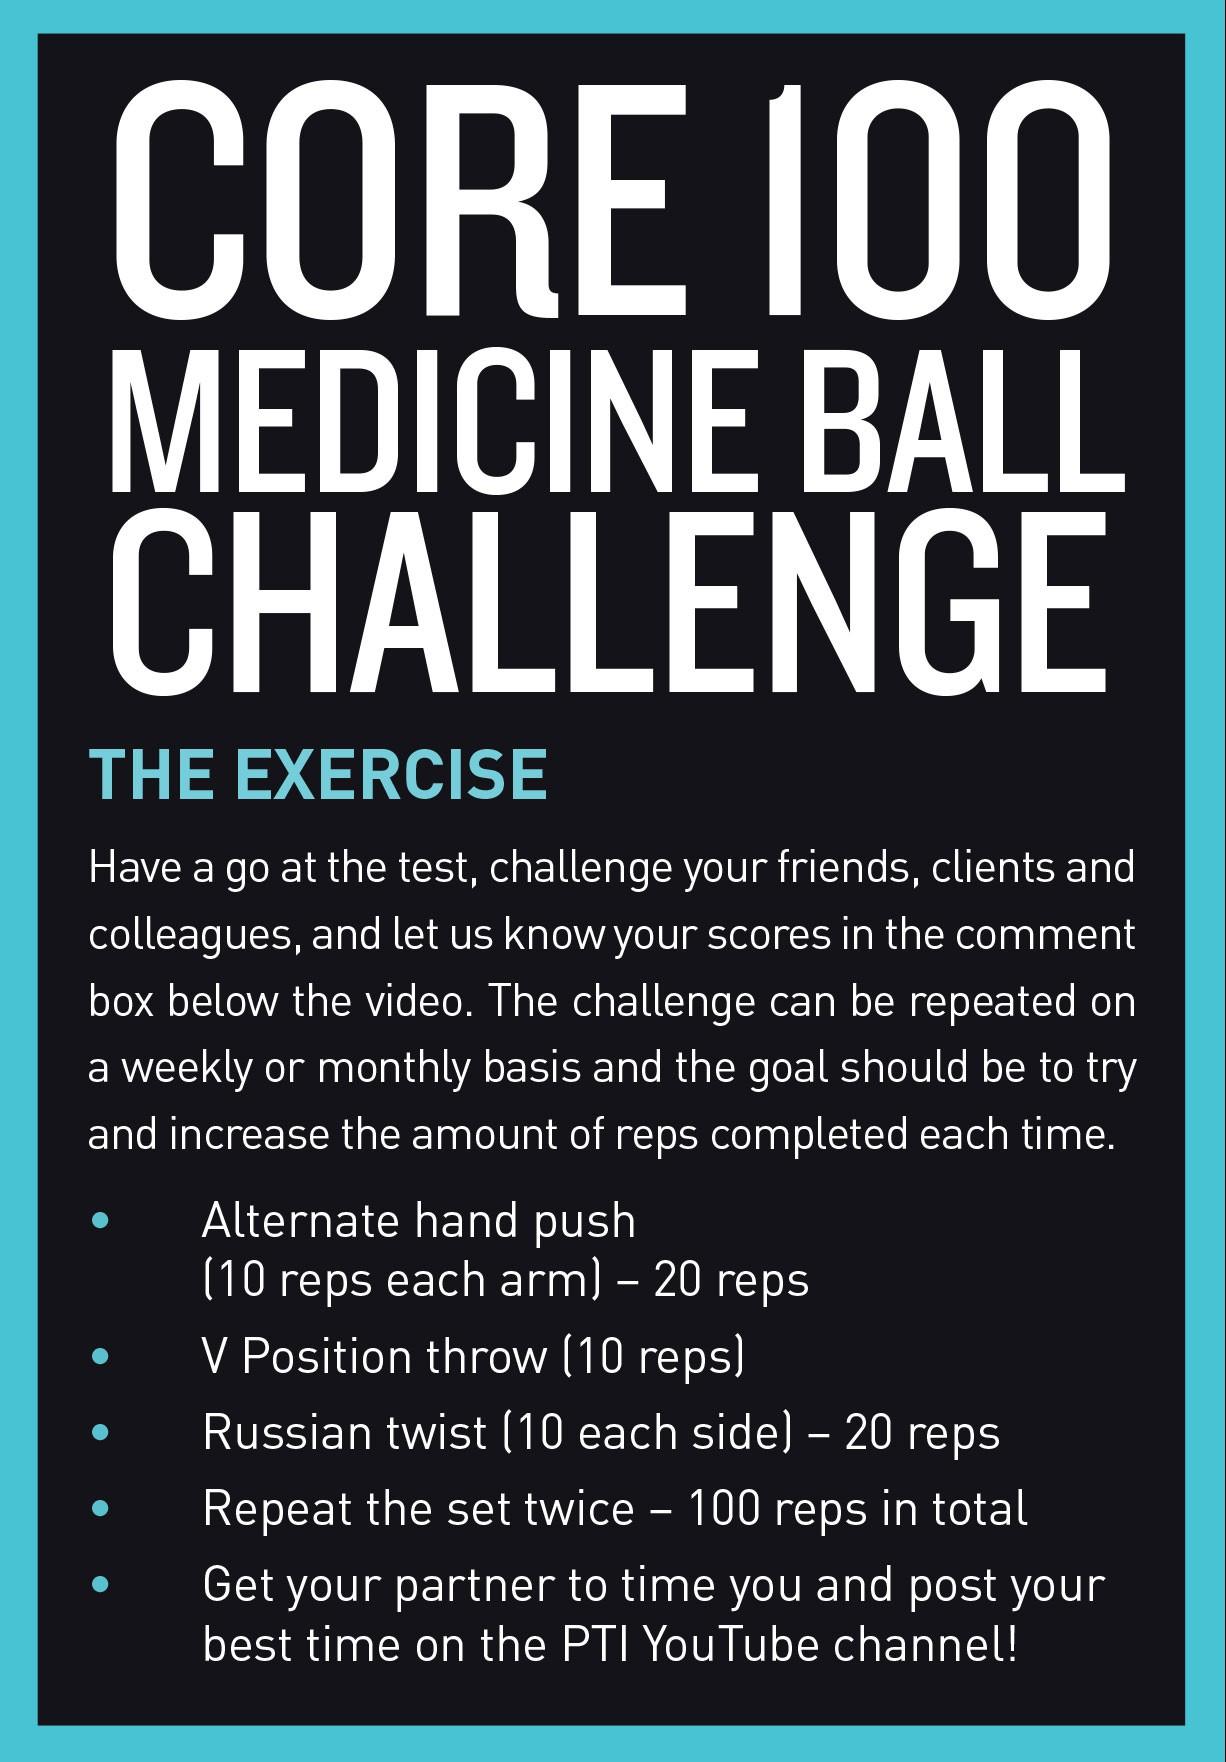 Bestfit issue 12 Challenge